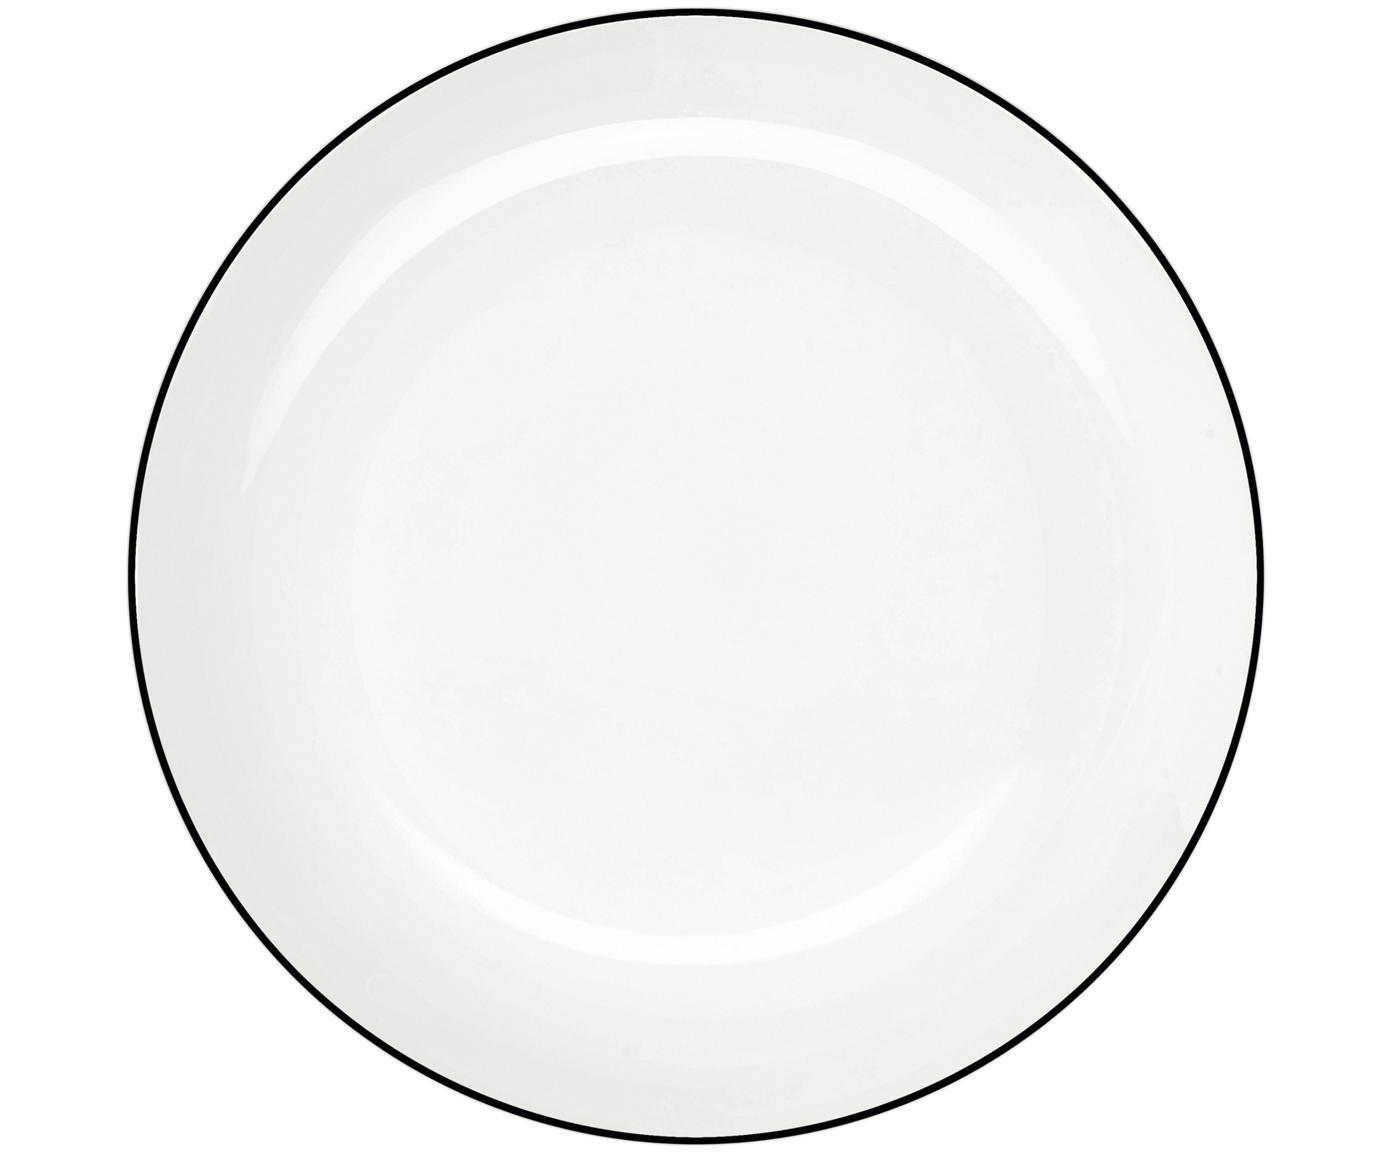 Pastateller á table ligne noir mit schwarzem Rand, 4 Stück, Fine Bone China, Weiß<br>Rand: Schwarz, Ø 22 x H 5 cm